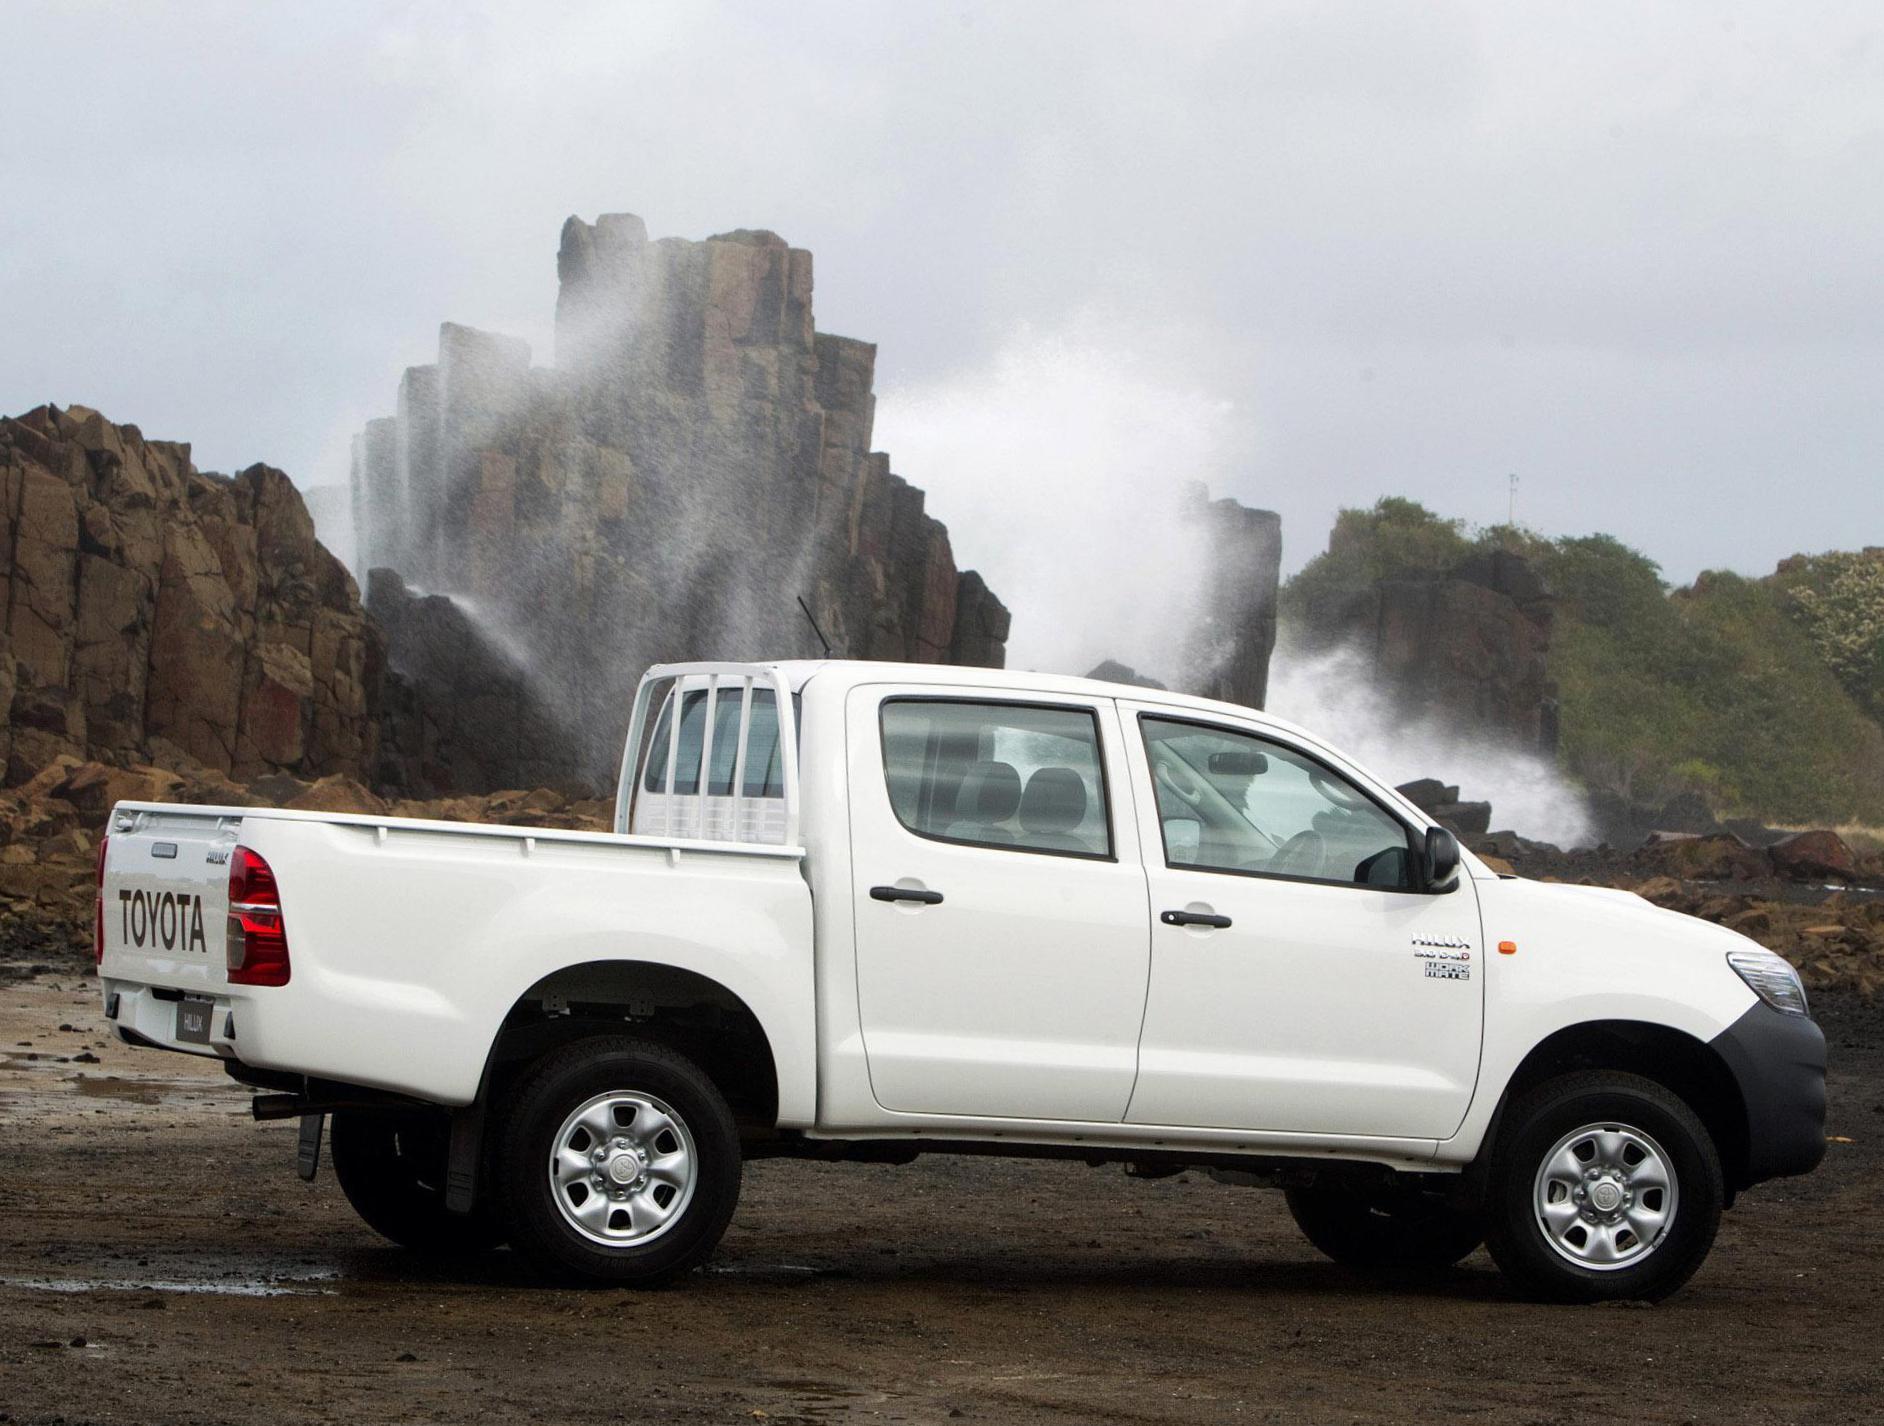 Kelebihan Kekurangan Toyota Hilux 2008 Spesifikasi